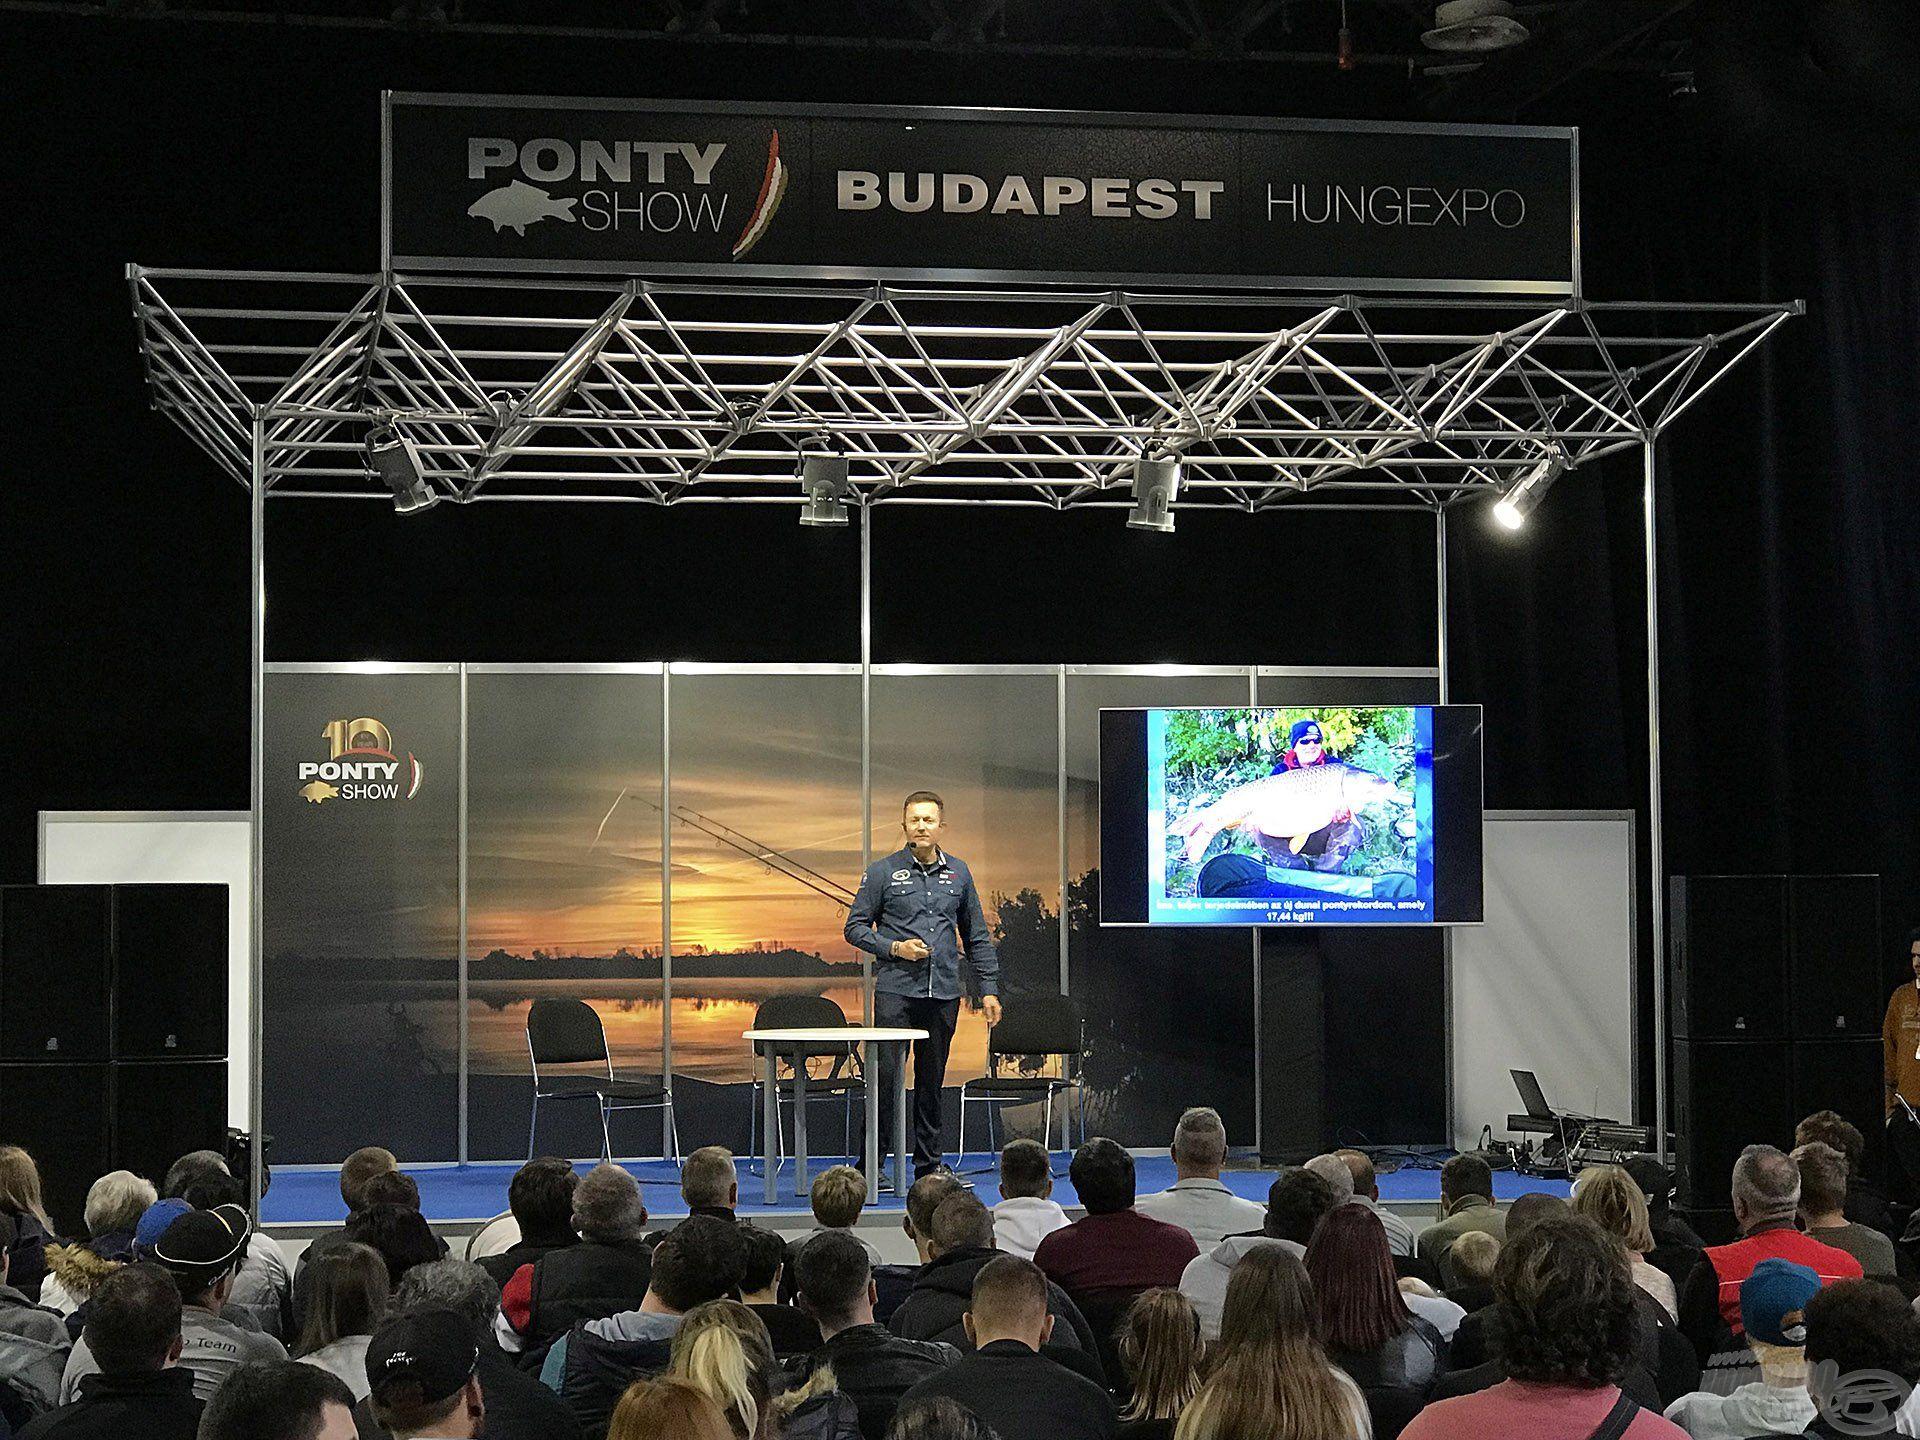 Döme Gábor dunai pontyhorgászatról tartott előadása alatt egy gombostűt sem lehetett volna leejteni a PontyShow nagyszínpada előtt